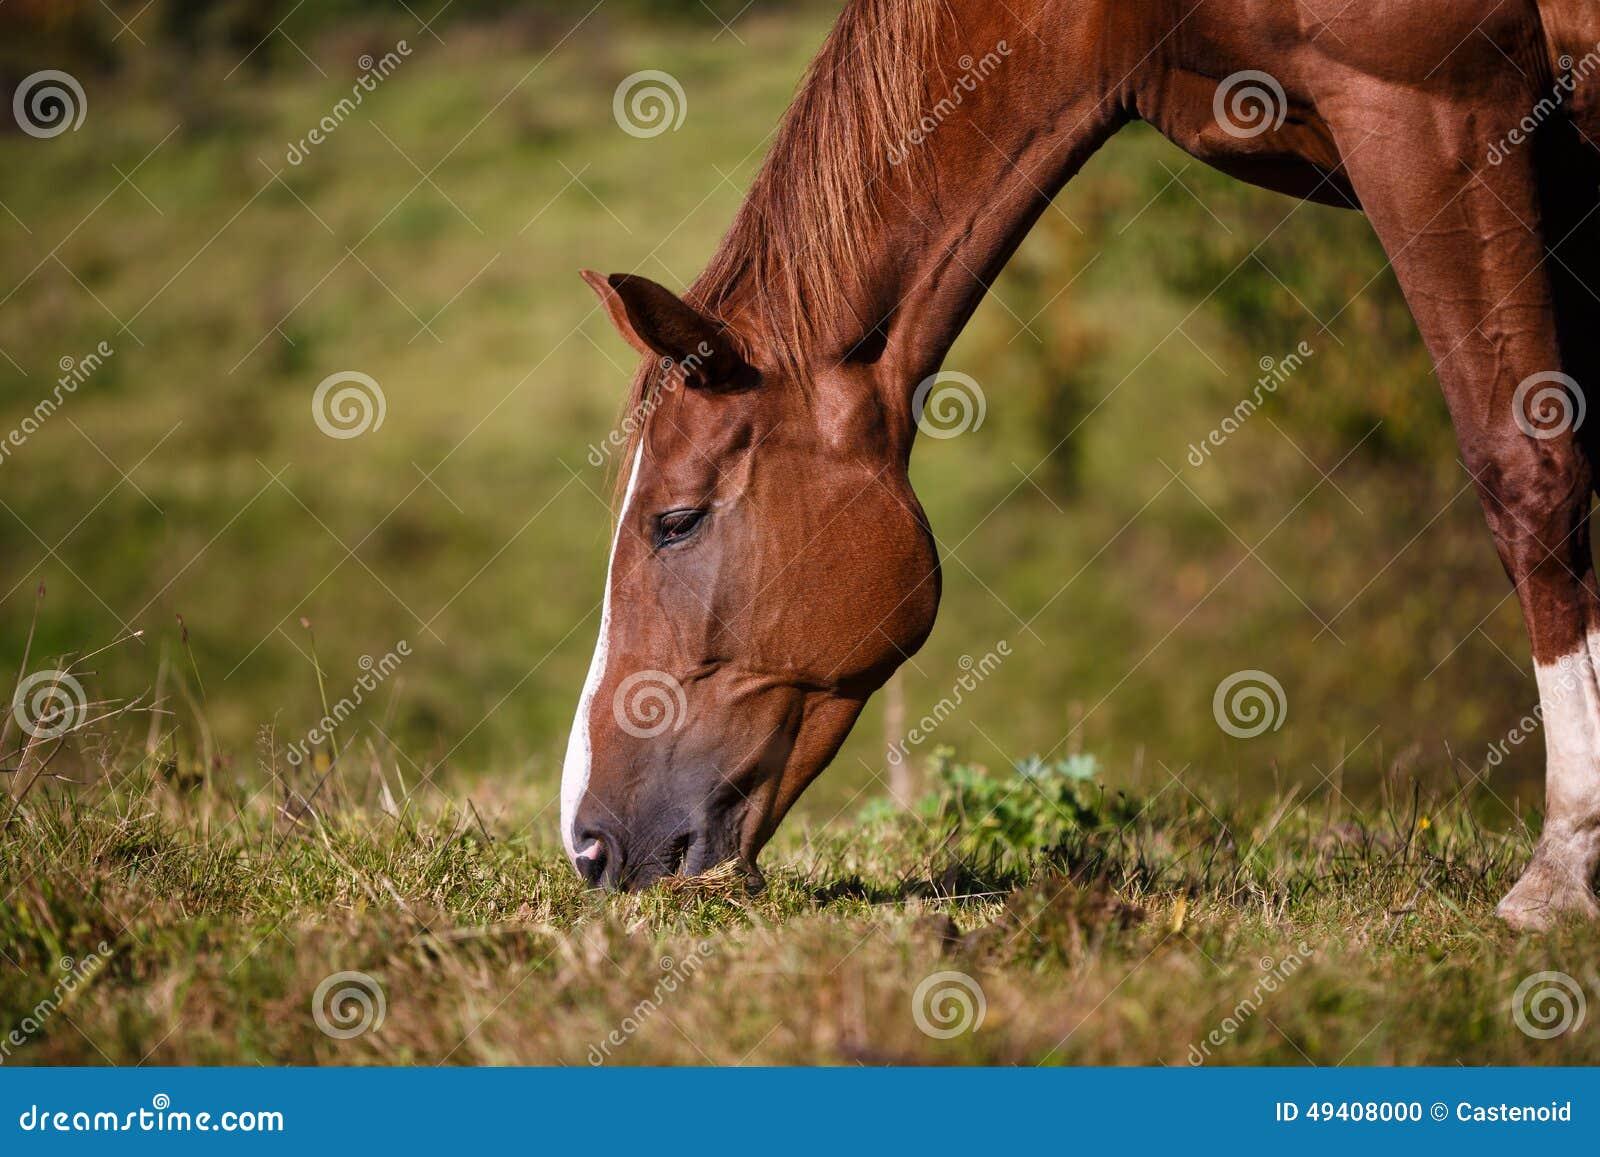 Download Pferd, das Gras isst stockfoto. Bild von auge, nave, säugetier - 49408000